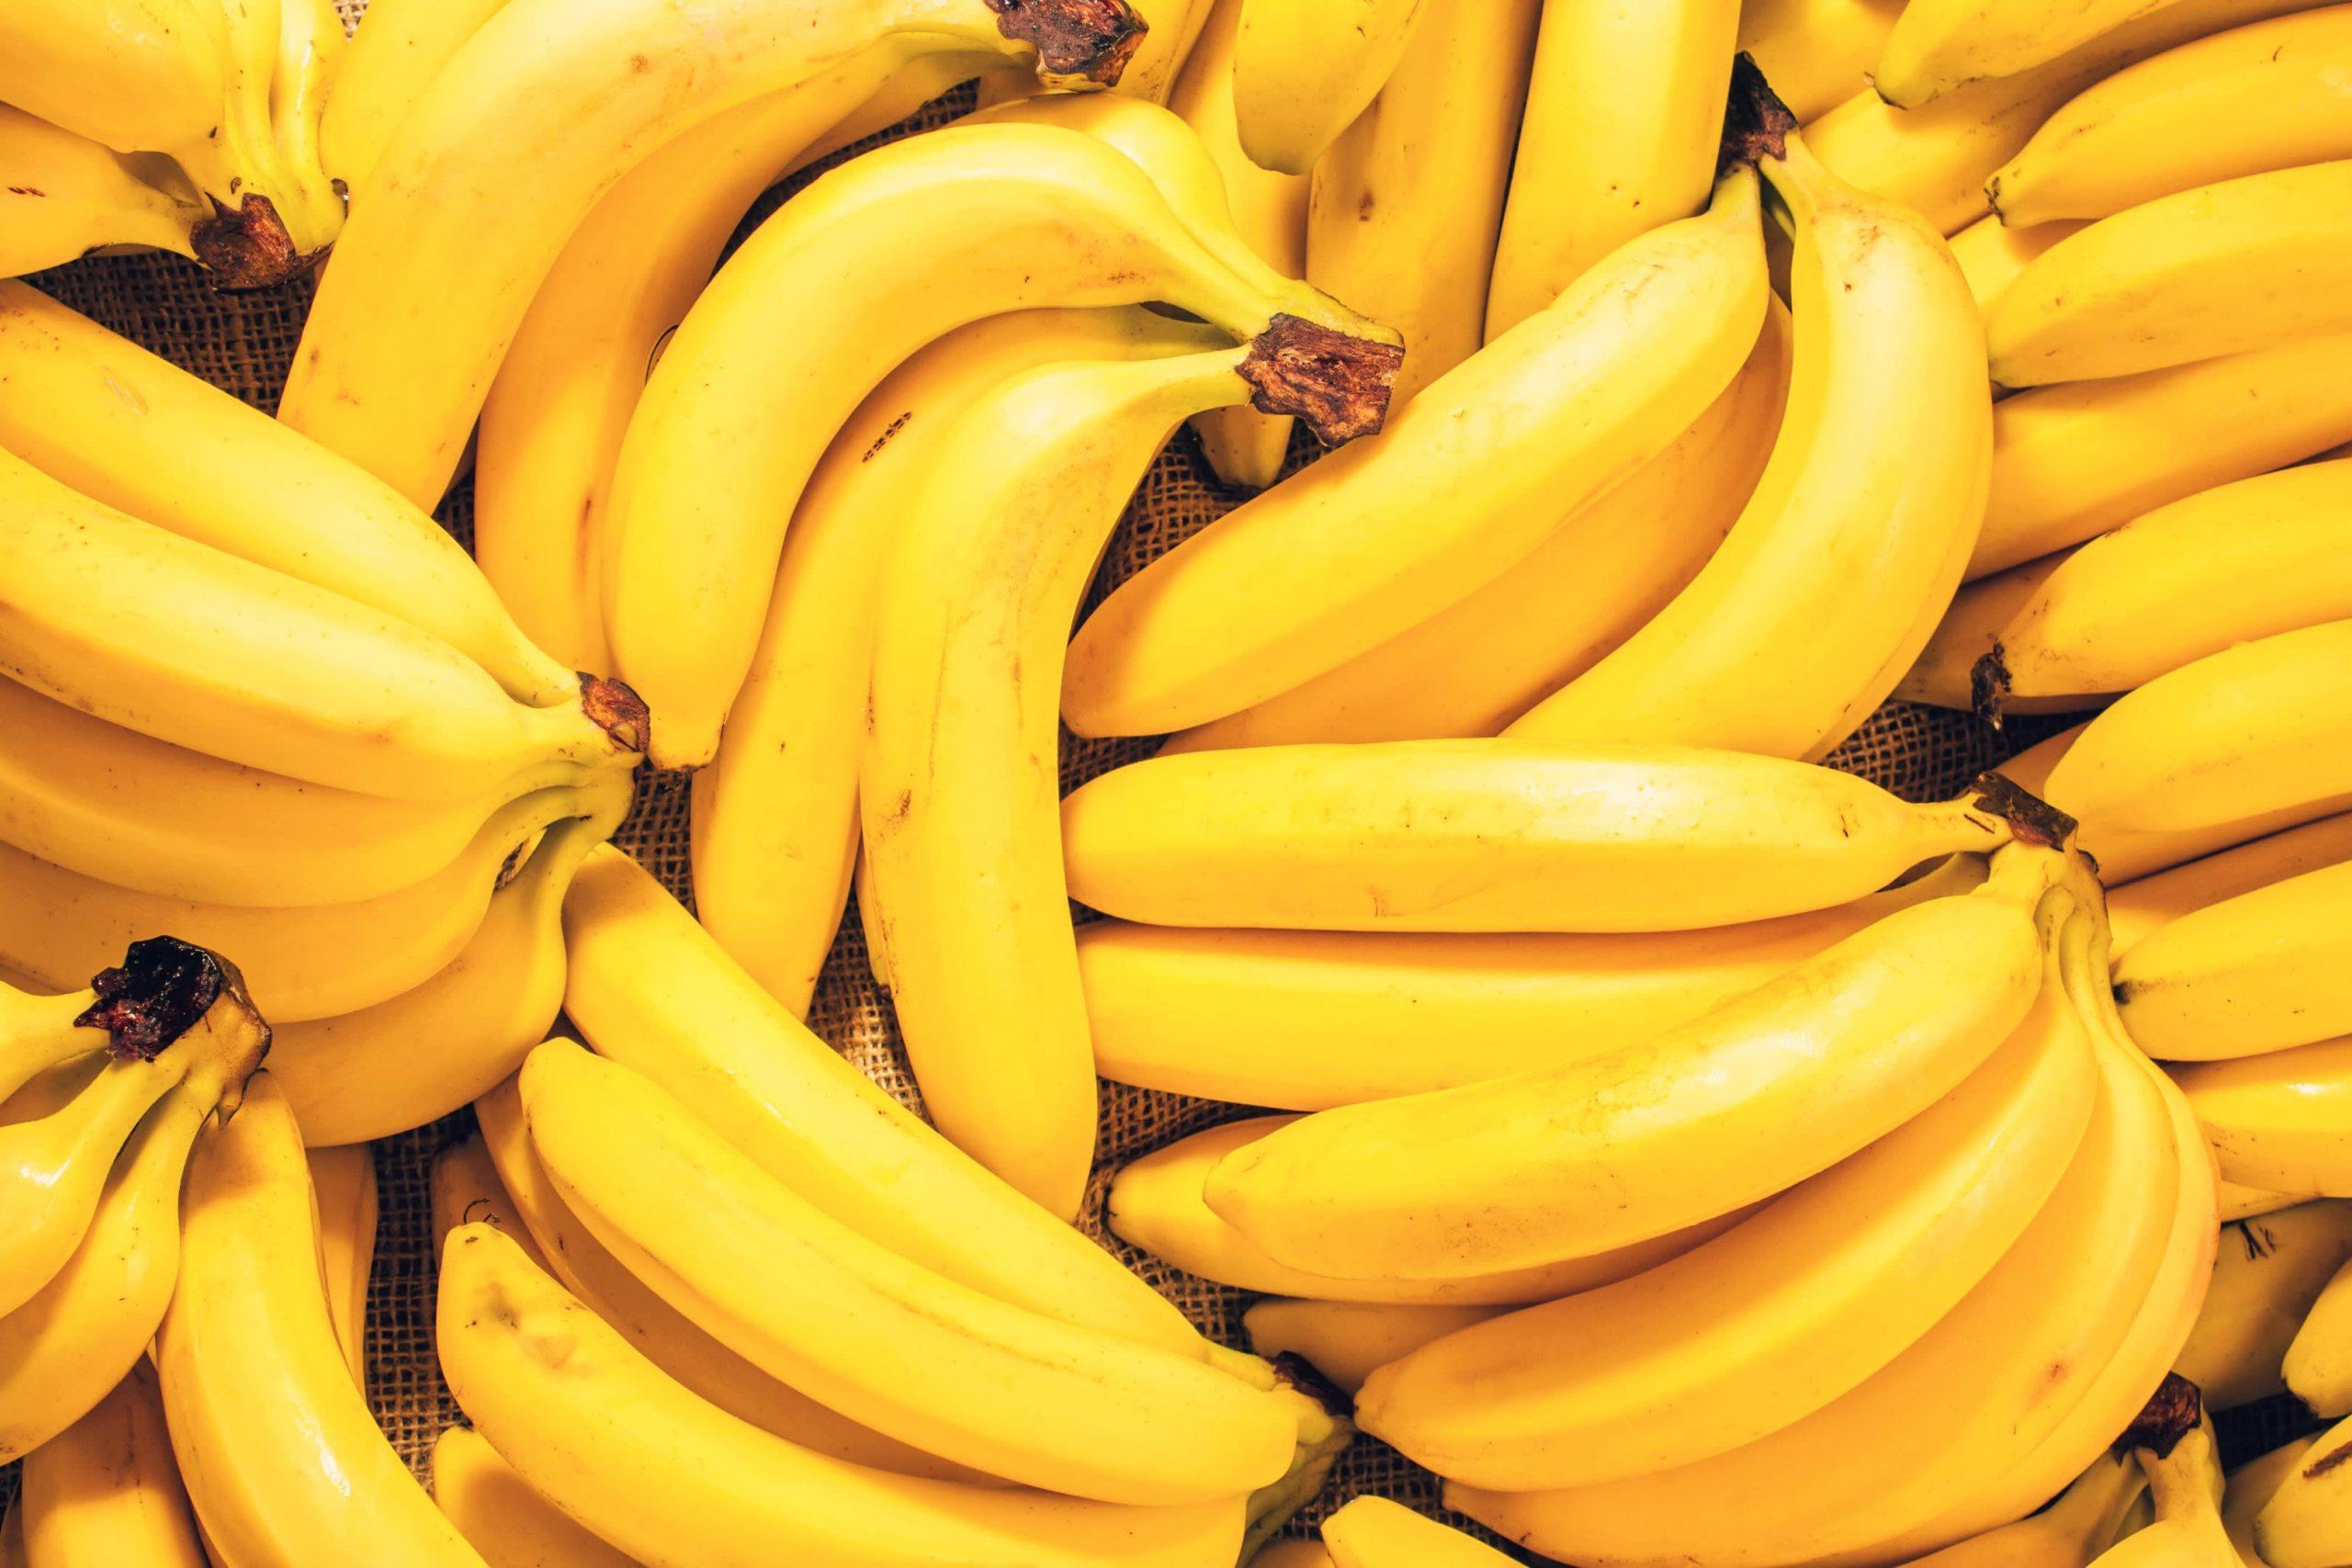 Santa Banana